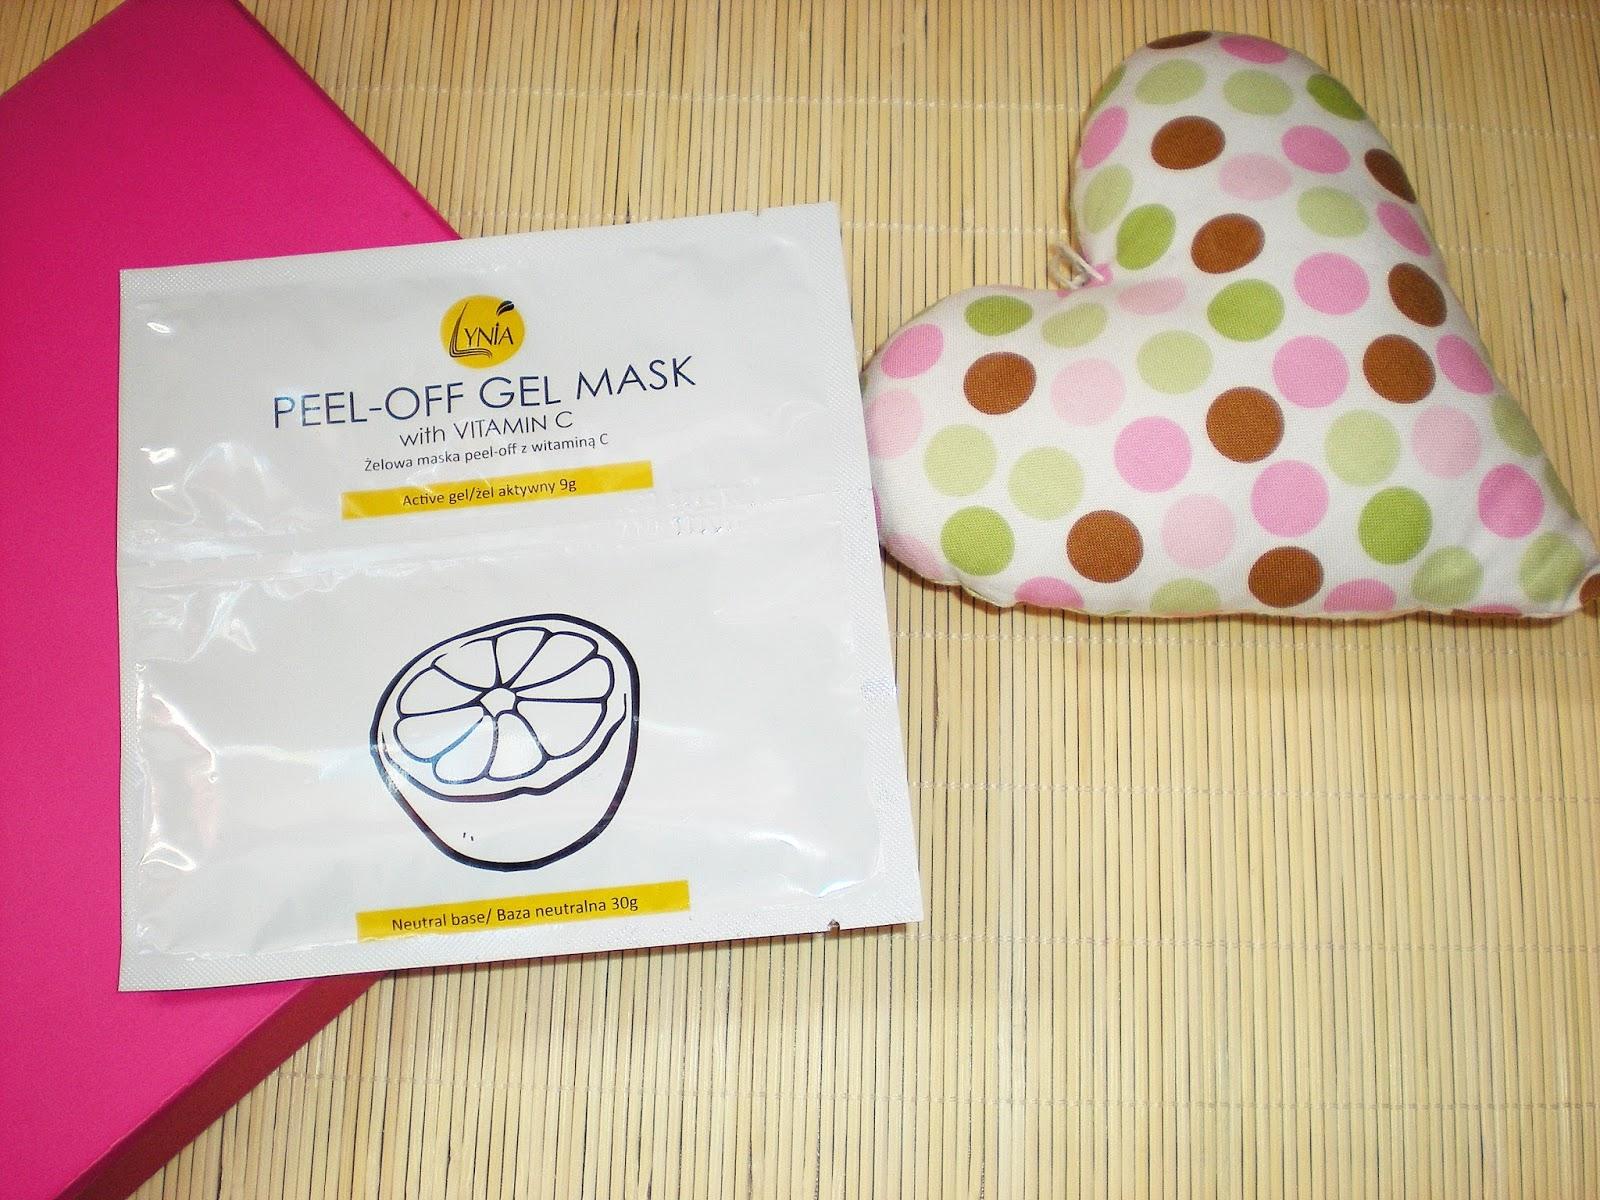 Maska algowa peel-off w żelu z witaminą C